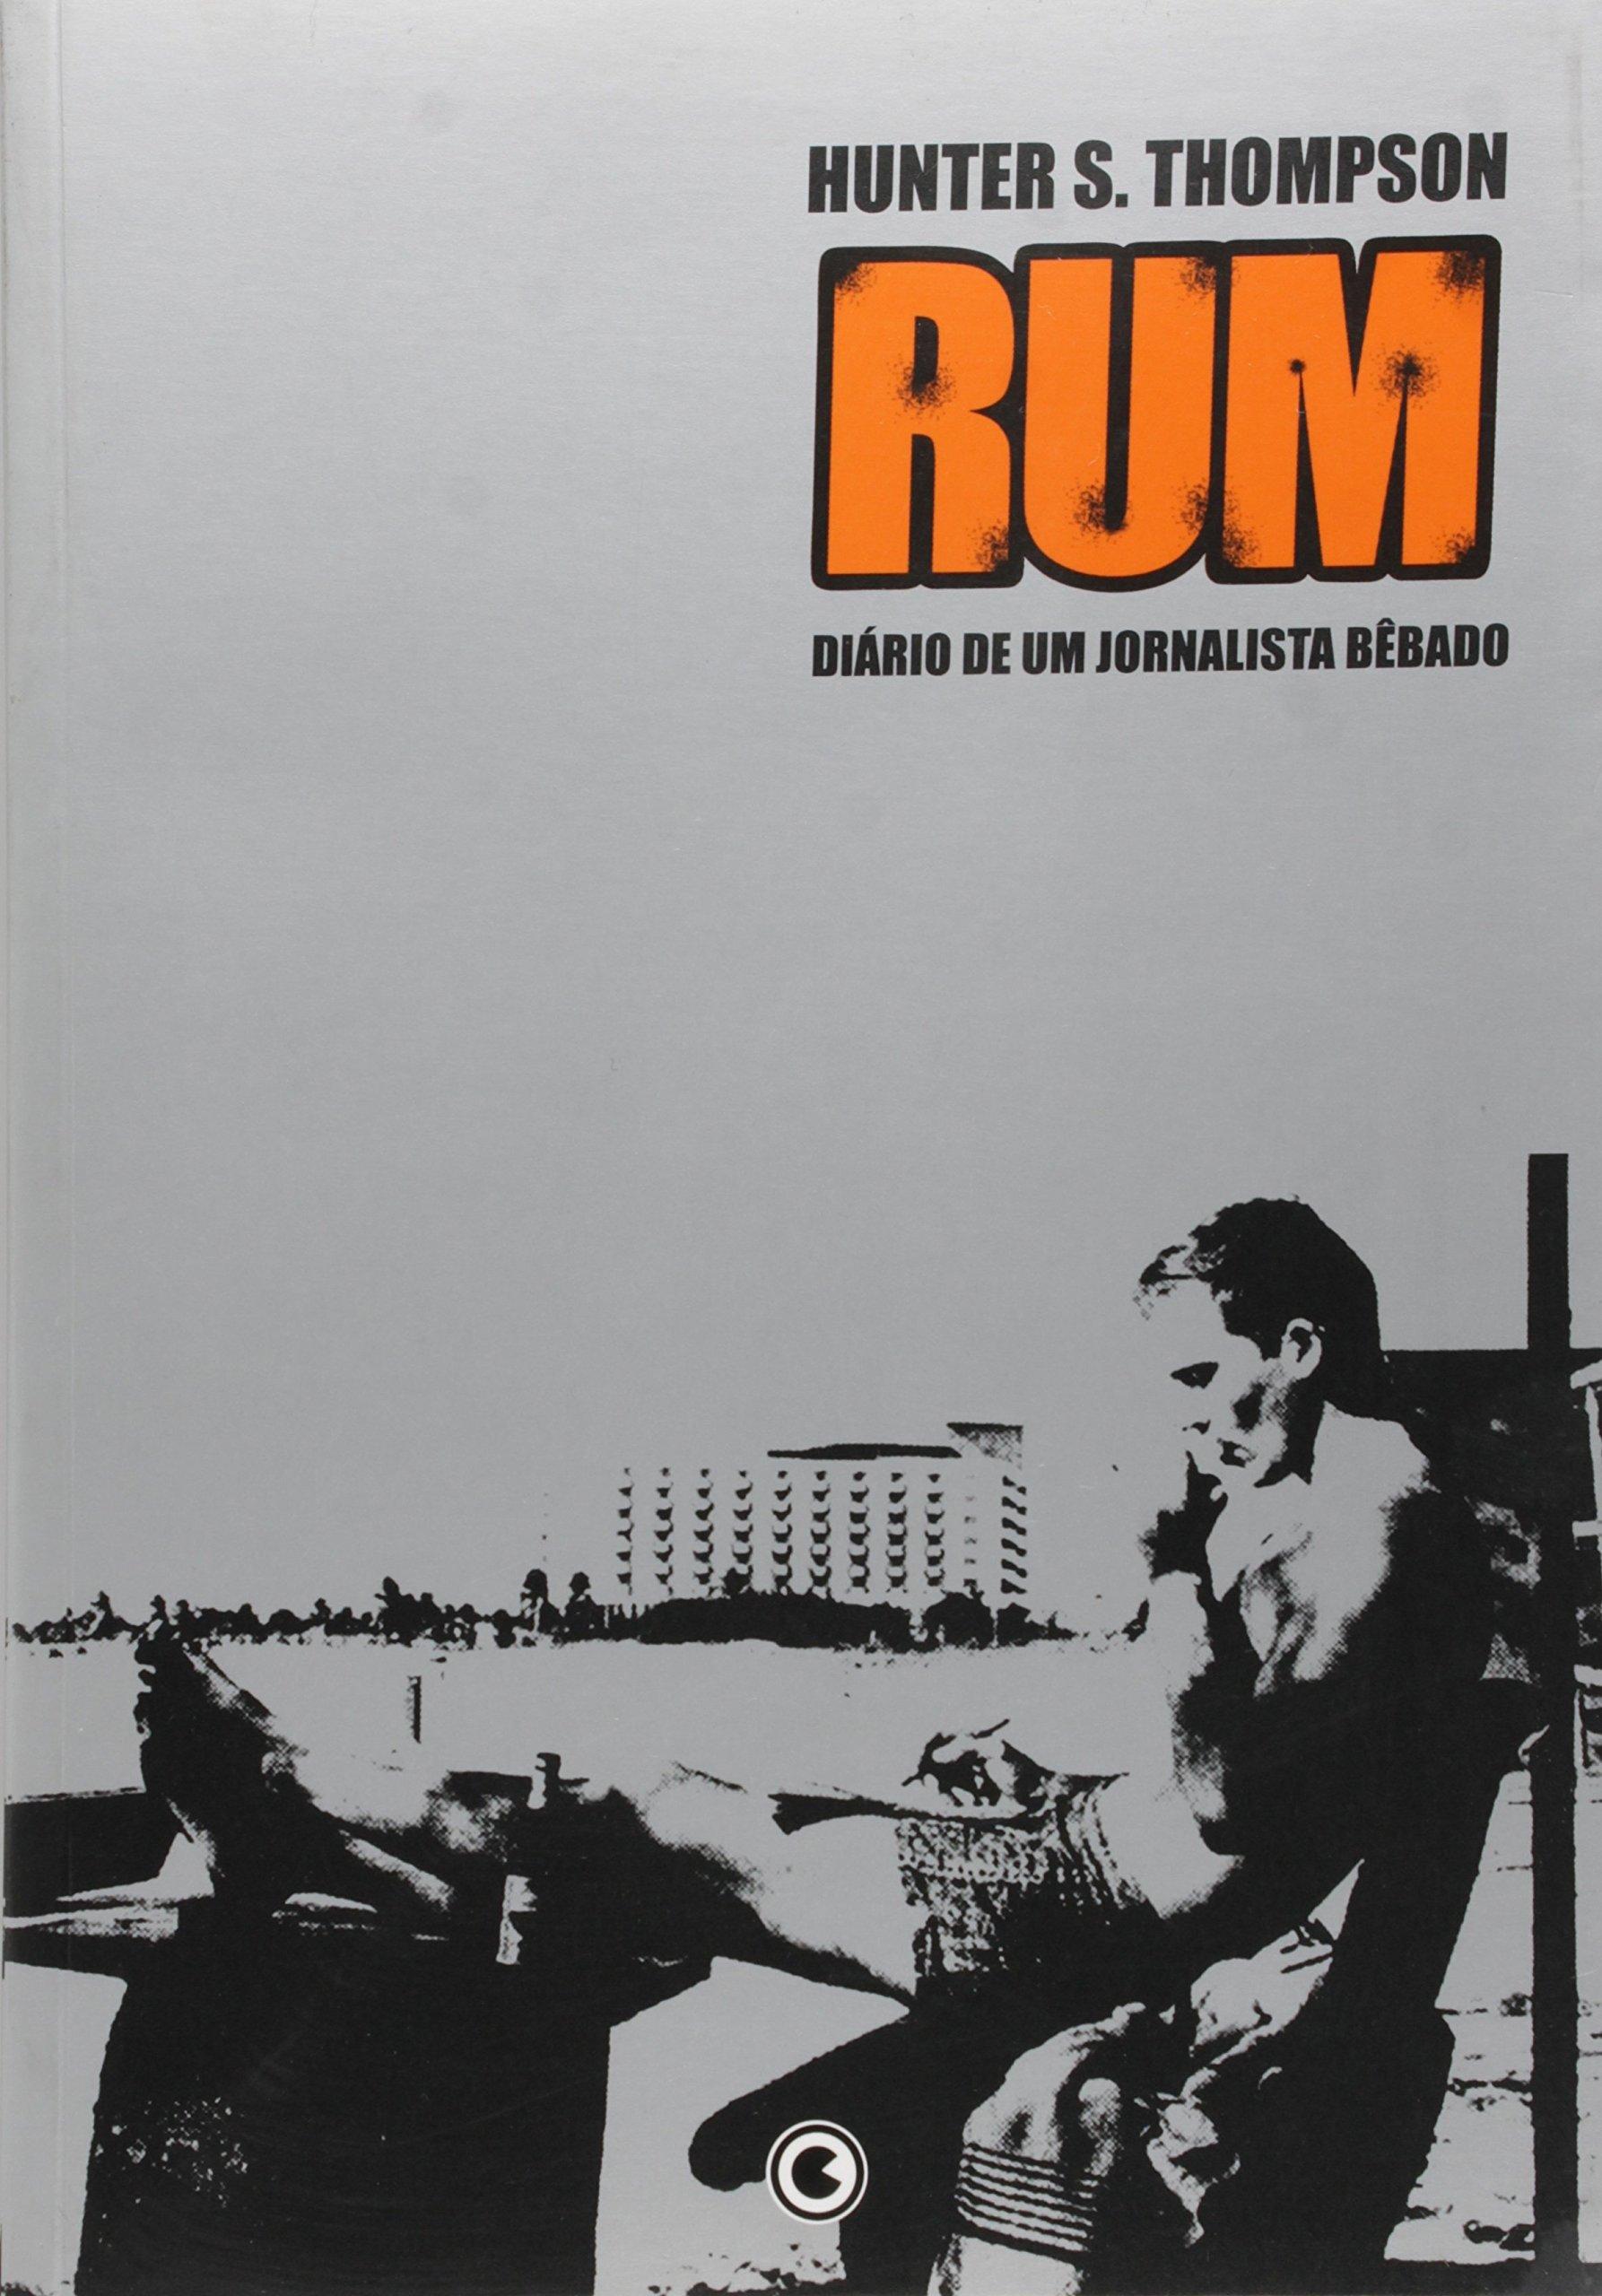 Capa do livro Rum - Diário de um Jornalista Bêbado, Hunter S. Thompson